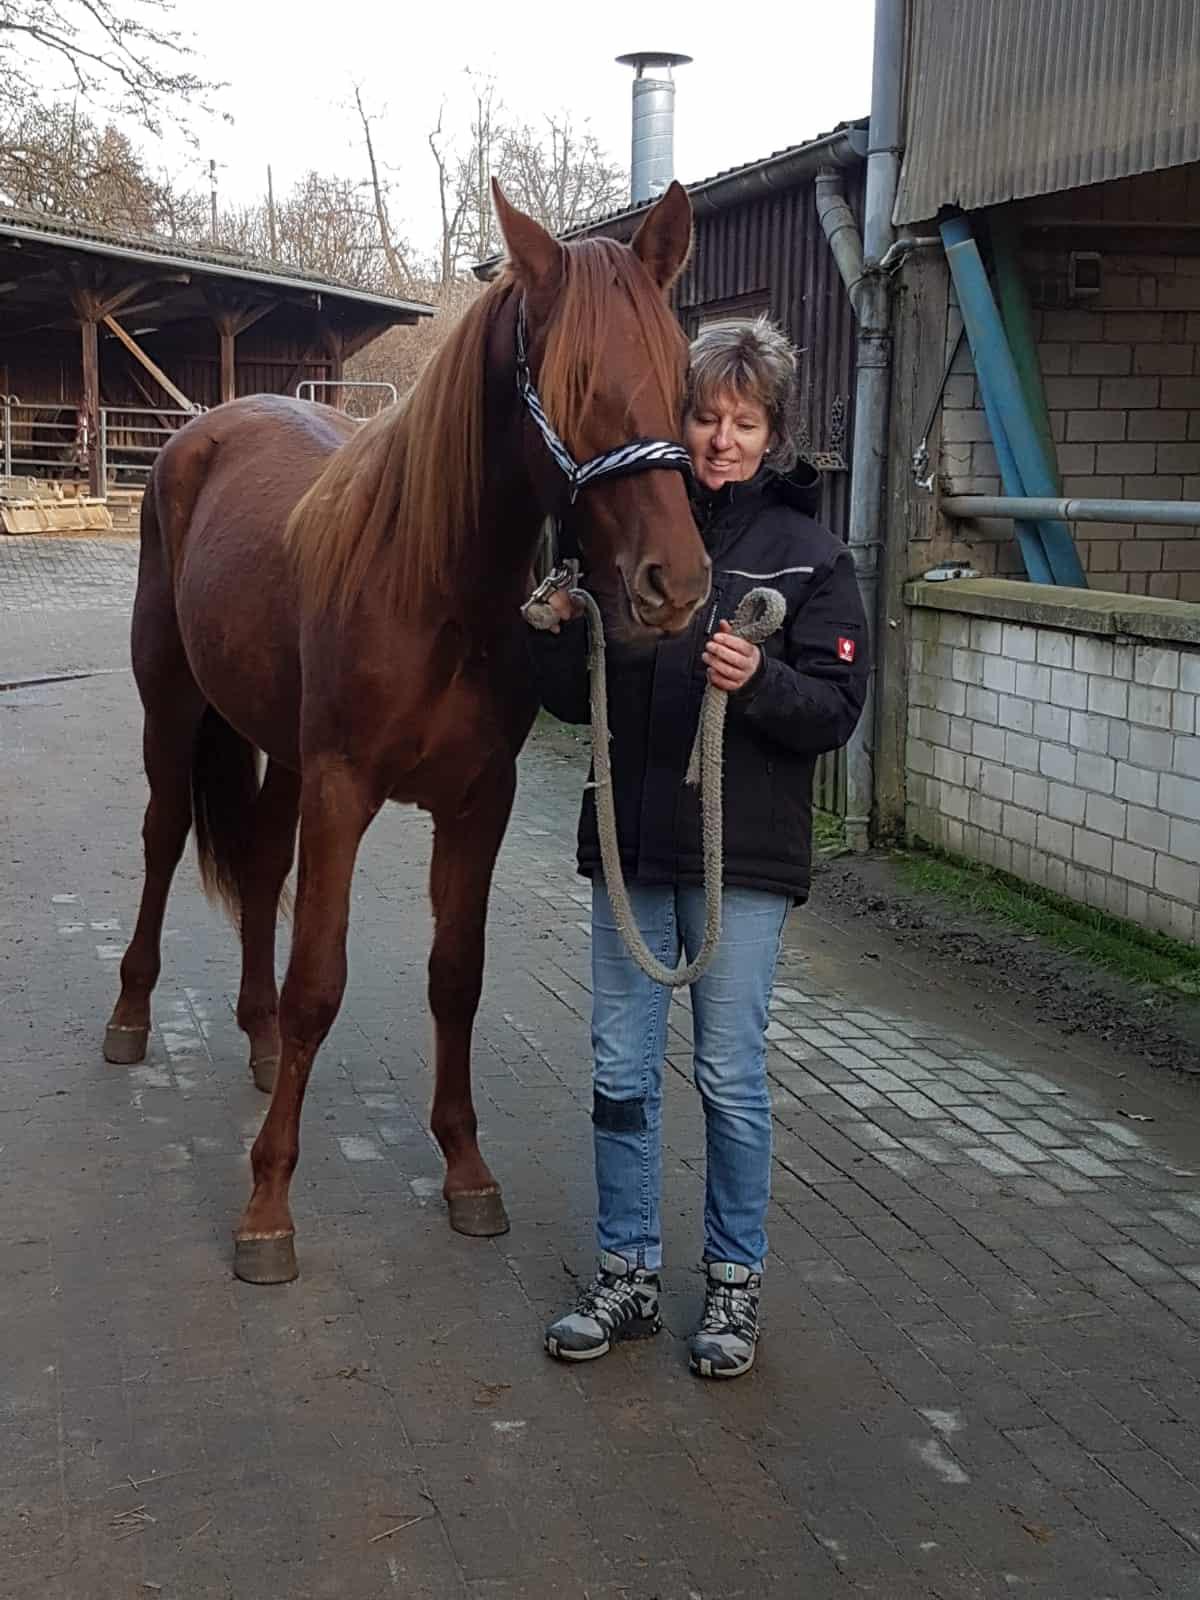 Gedeckt pferd frau von wird Vilnius: Die